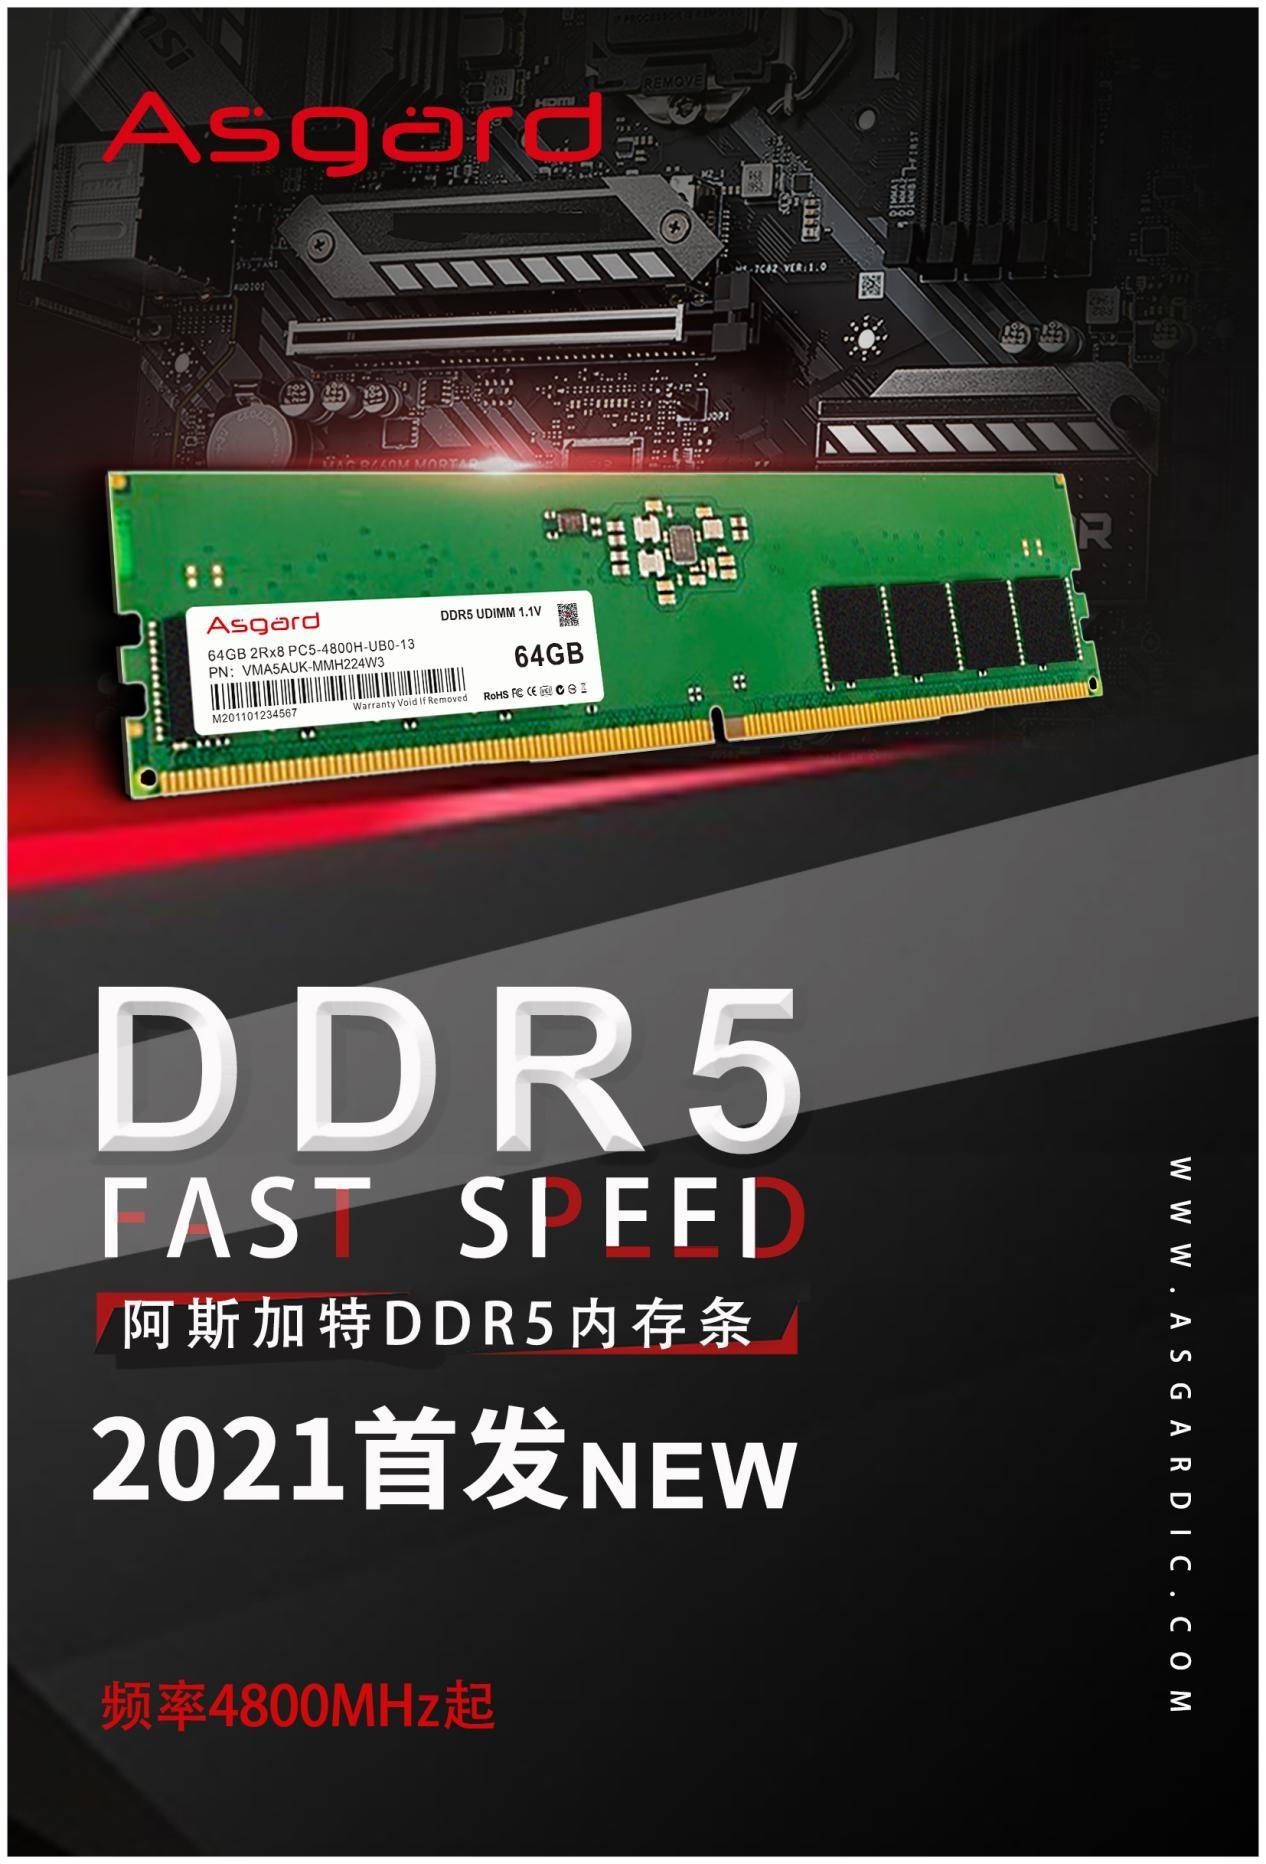 起步4800M 阿斯加特官宣首款DDR5内存:支持12代酷睿